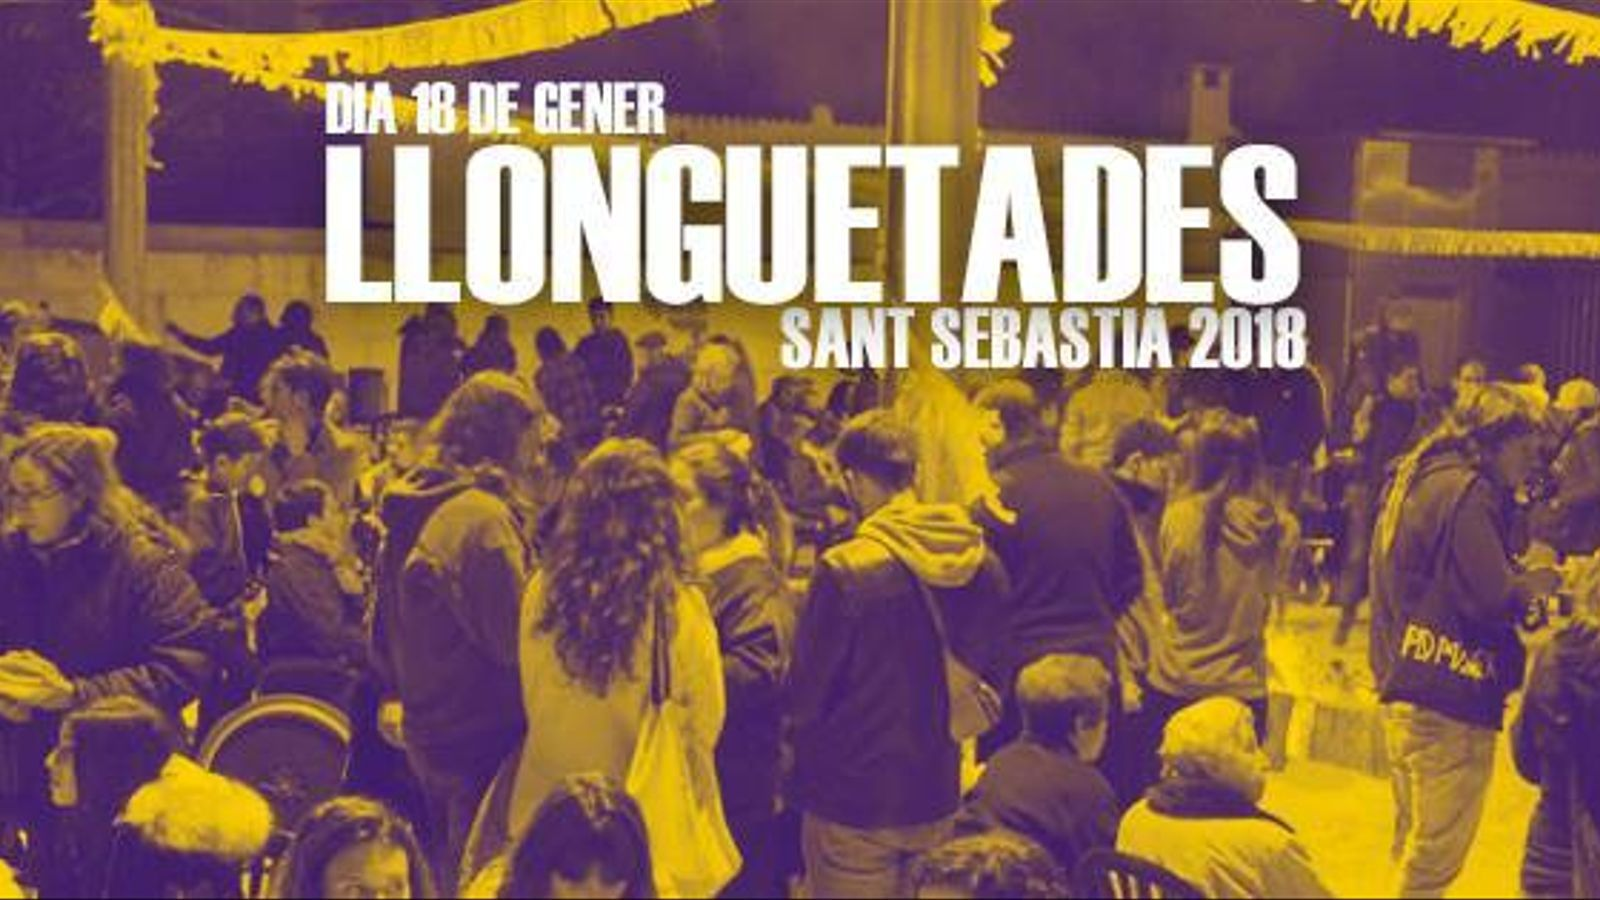 Cartell de les Llonguetades de Sant Sebastià 2018.